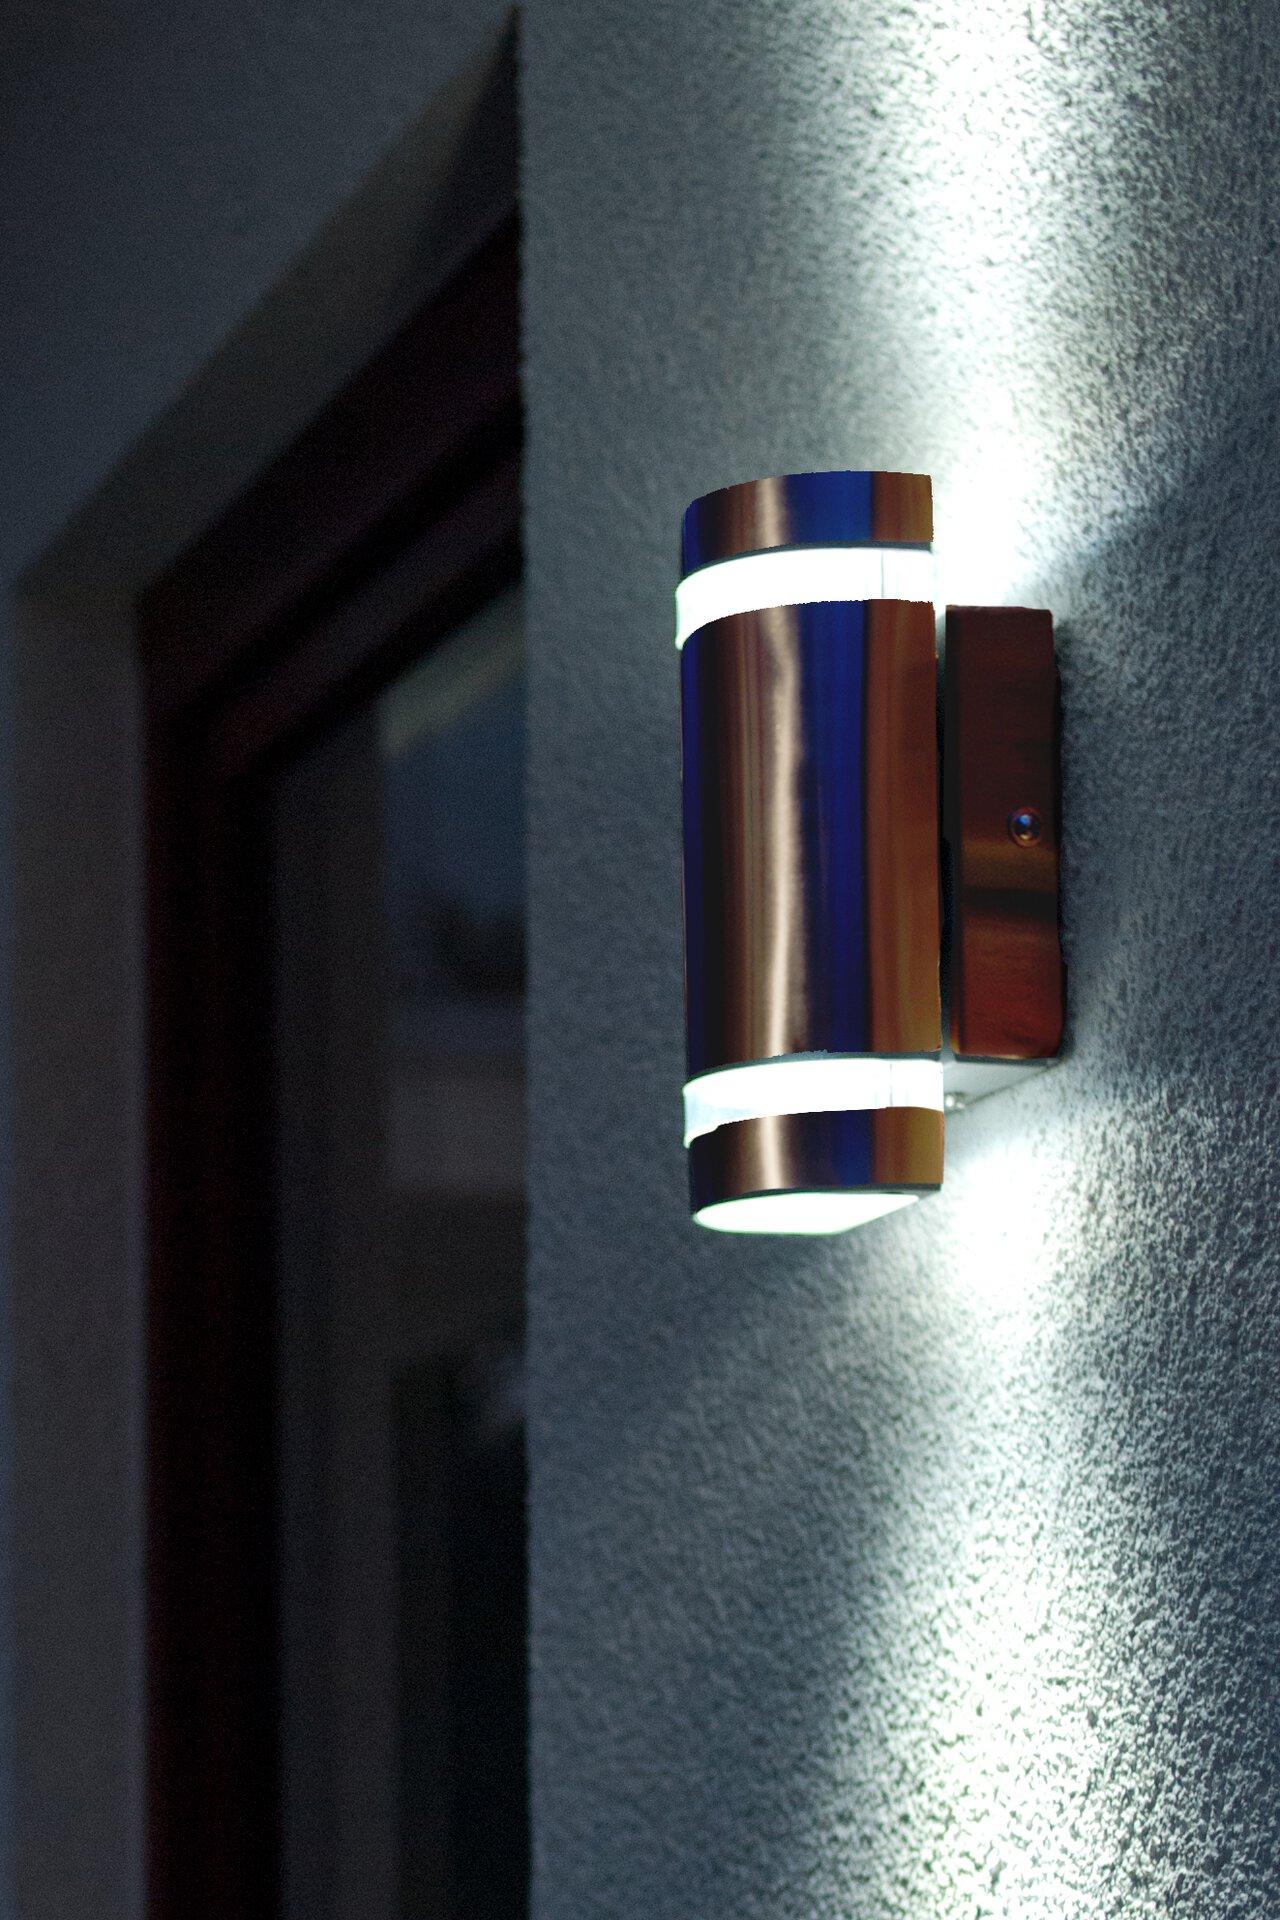 Wand-Aussenleuchte Focus Eco-Light Metall silber 11 x 24 x 11 cm